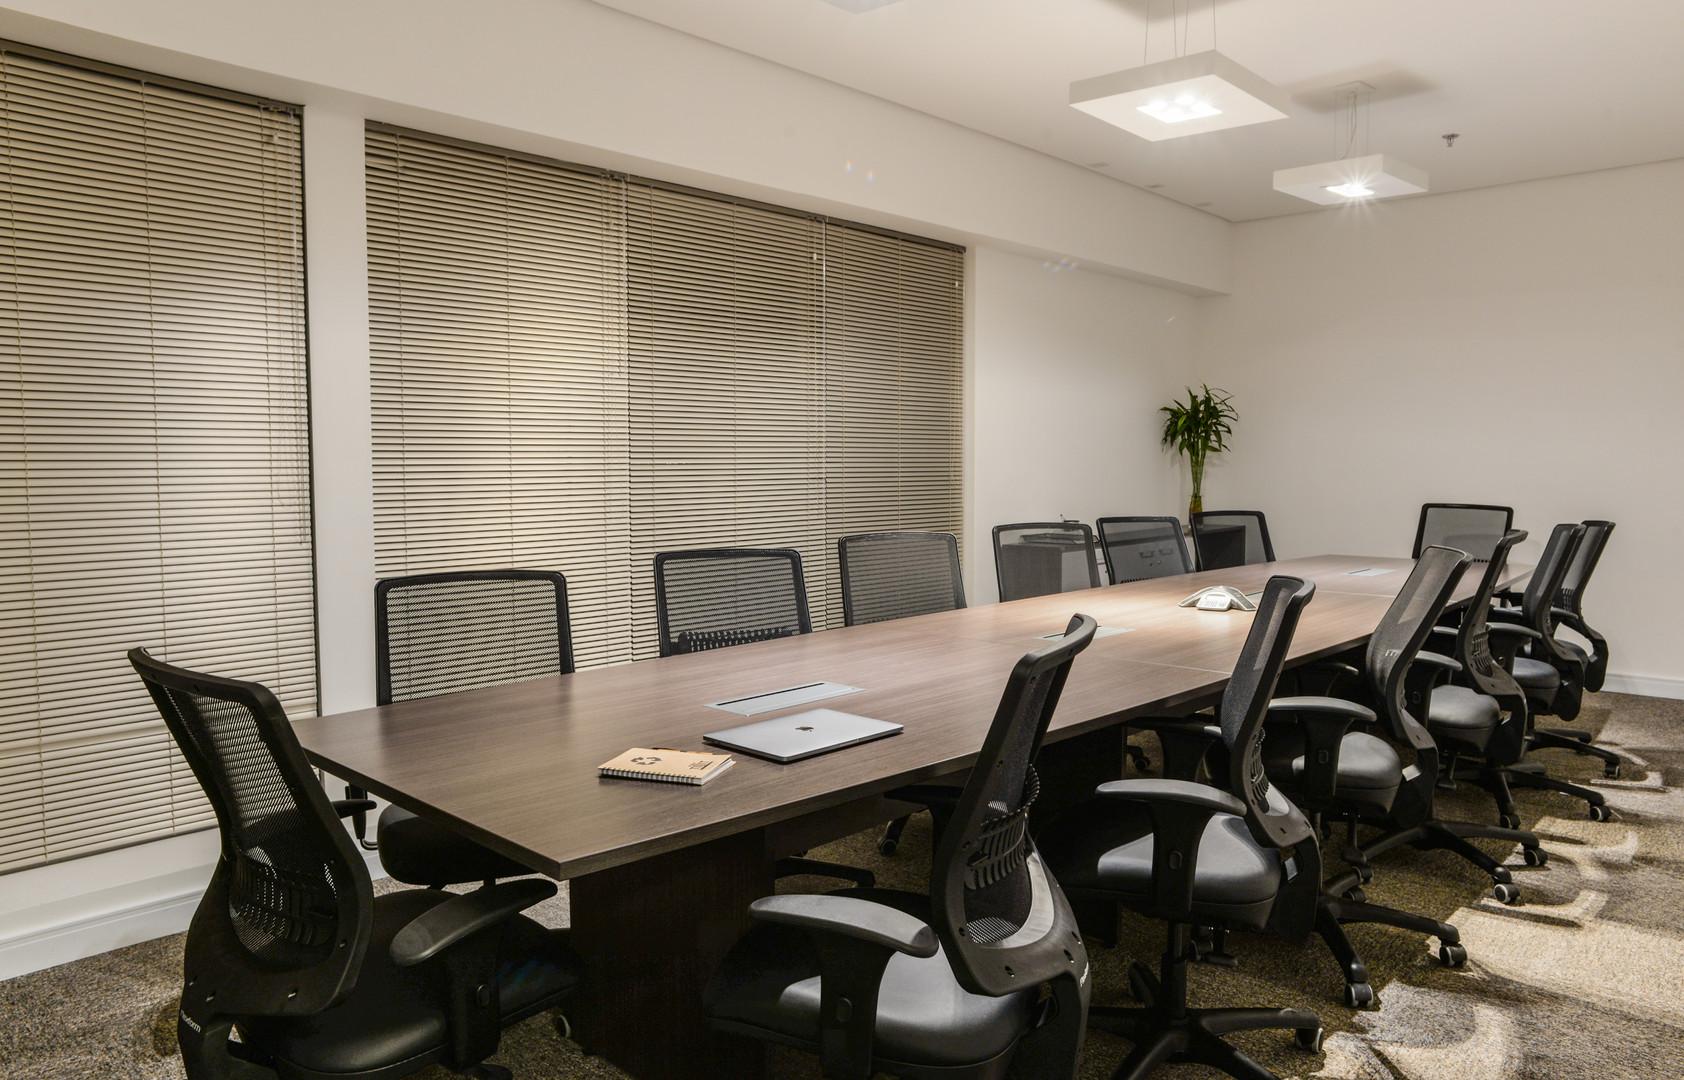 Sala de reunião (16 pessoas) / Meeting room (16 people)